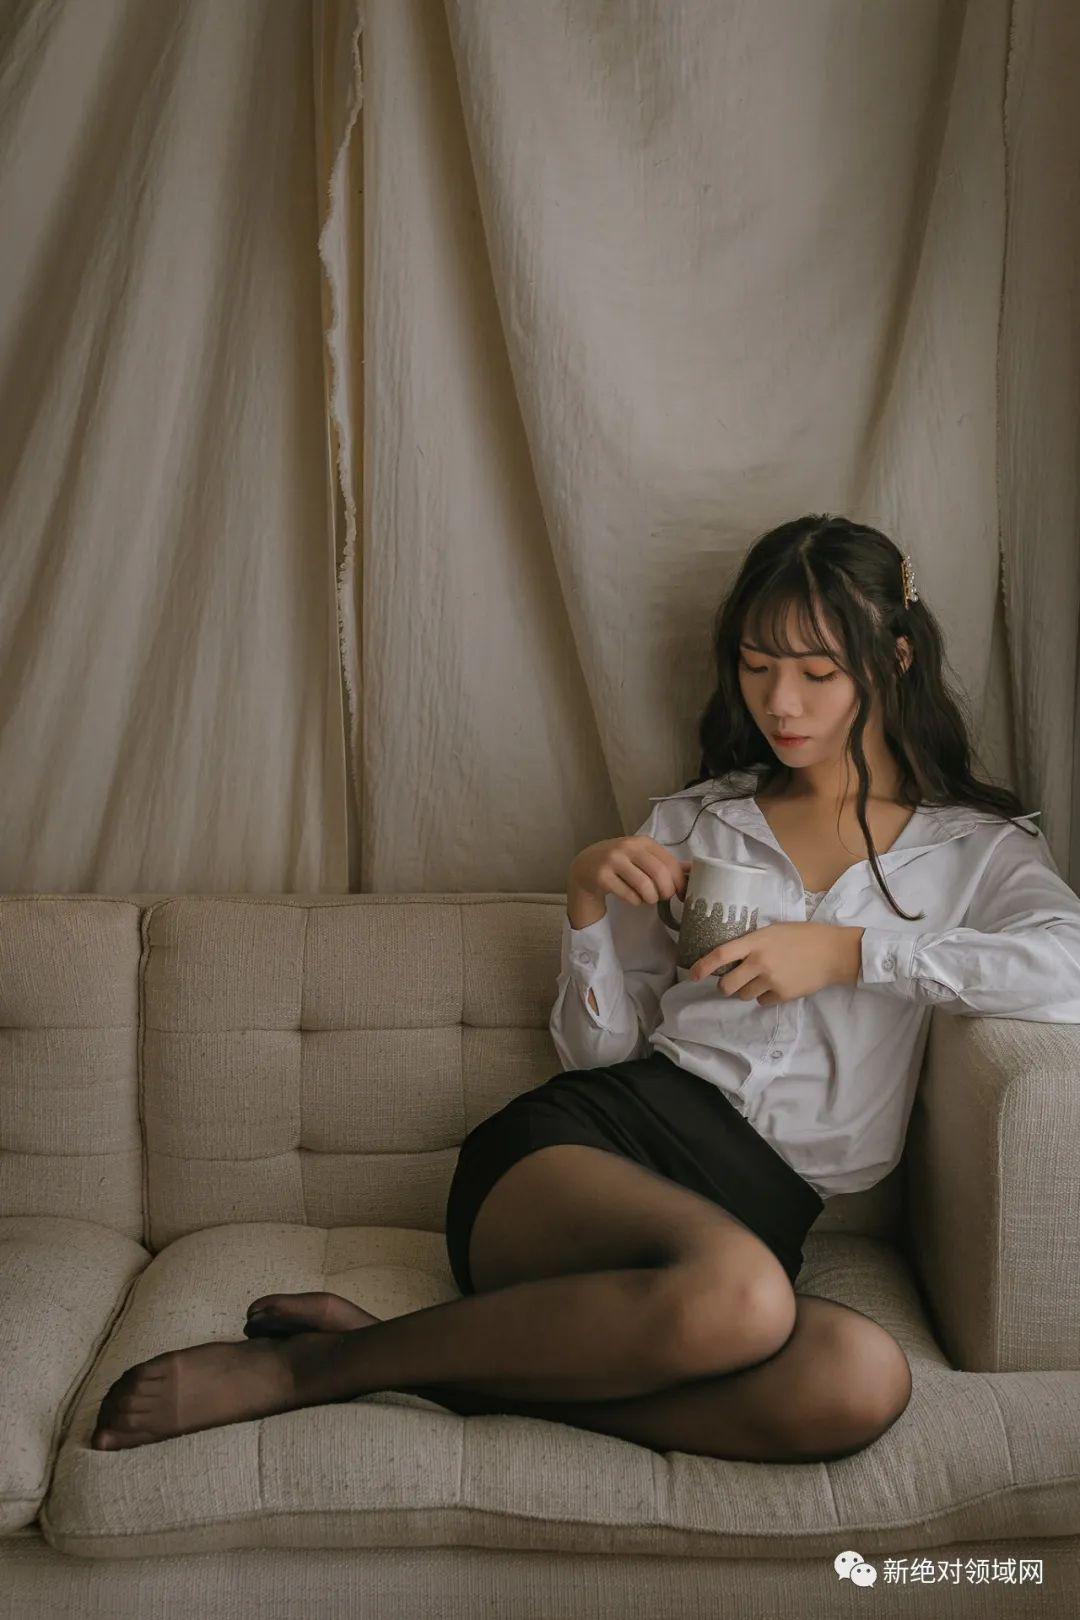 妹子摄影 – 半露的香肩,OL裙黑丝,性感的味道_图片 No.9